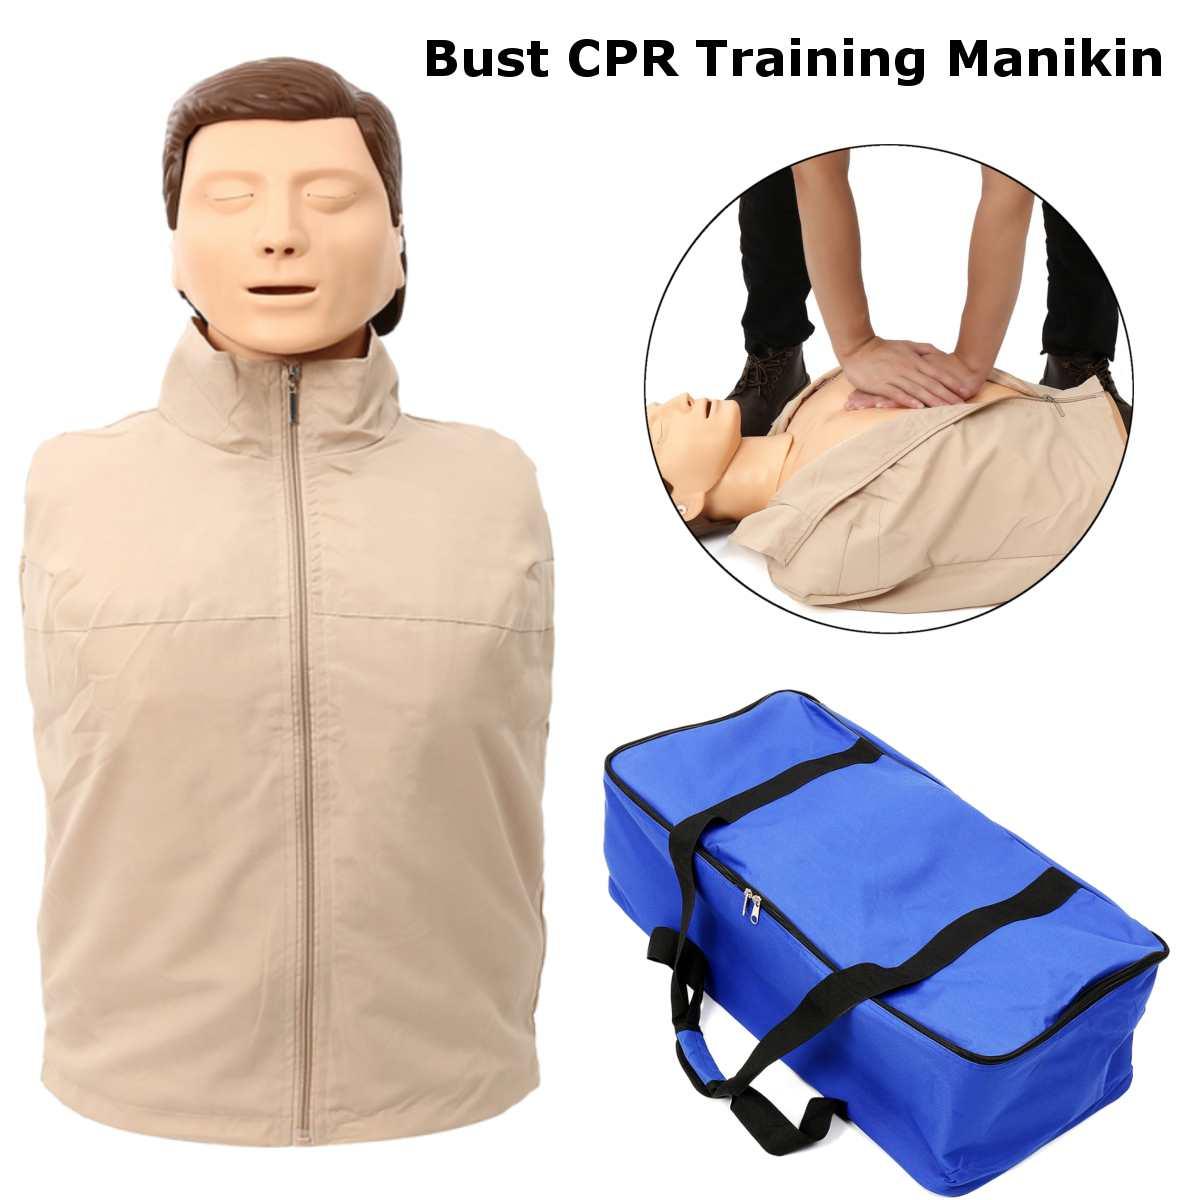 Mannequin de formation en rcr 70x22x34 cm buste Mannequin de formation en soins infirmiers professionnels modèle médical modèle de formation en premiers soins humains nouveau